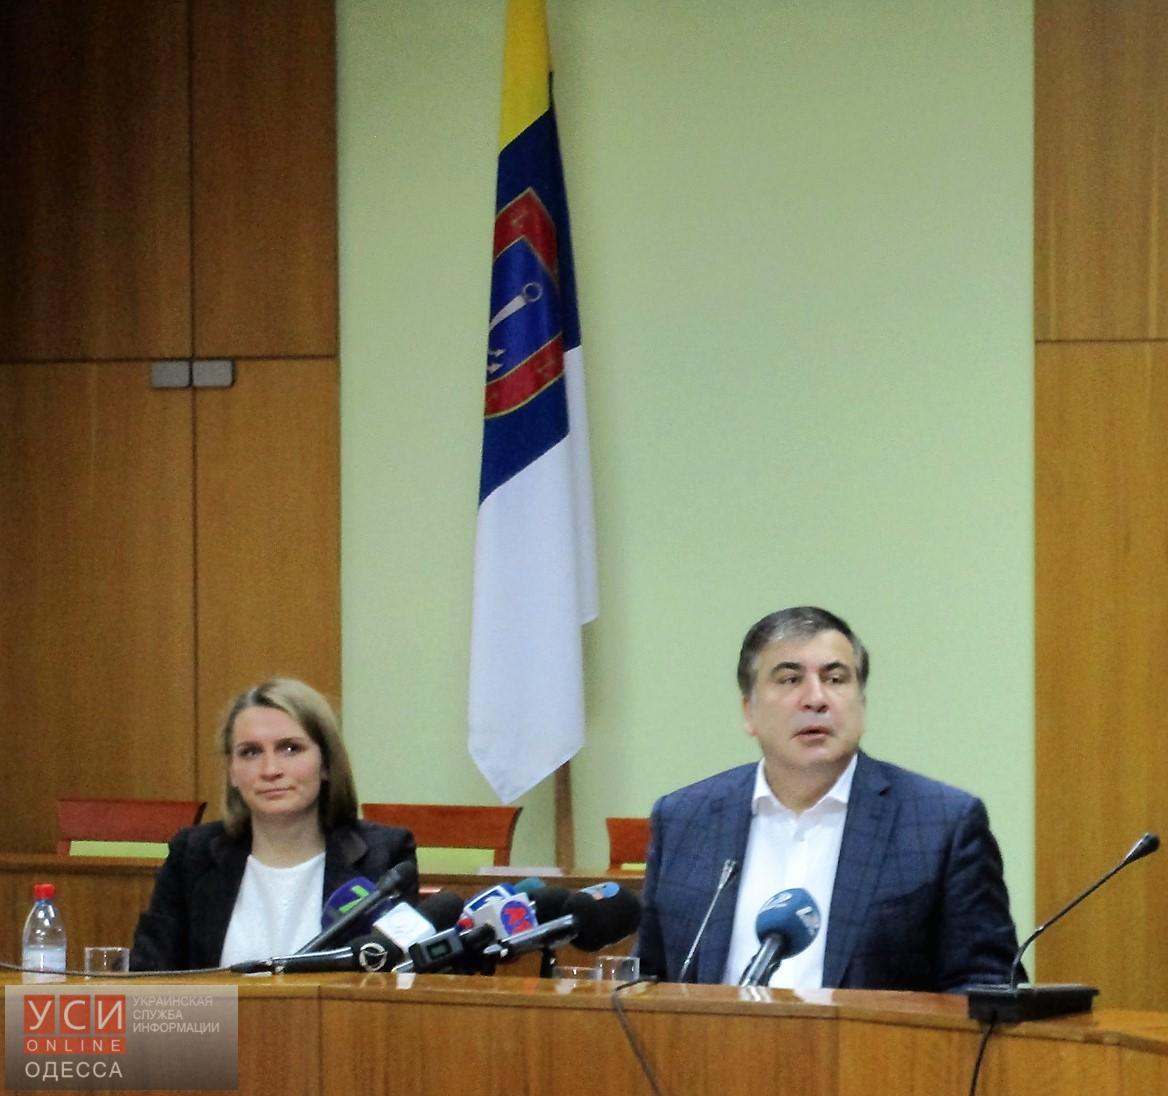 Законопроект «Открытая таможня» встречает сопротивление на всех уровнях, – Саакашвили